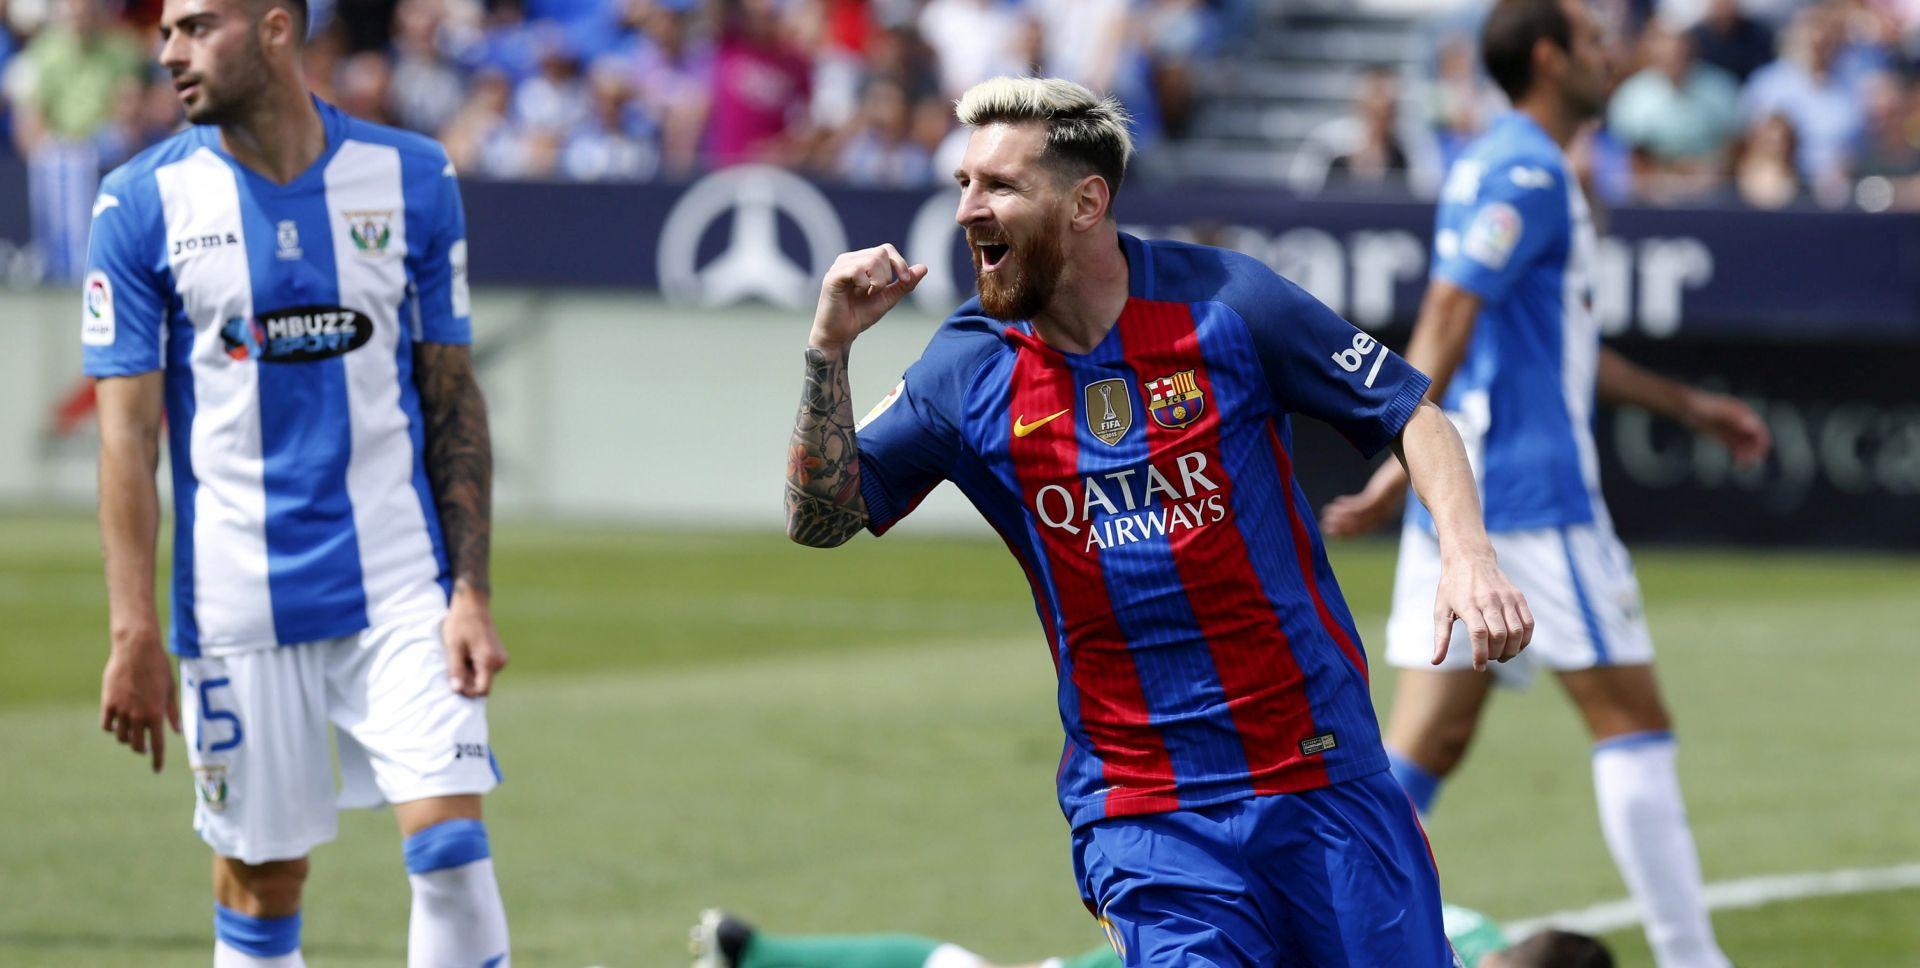 PRIMERA 'Petica' Barcelone protiv Leganesa, Messi dvostruki strijelac